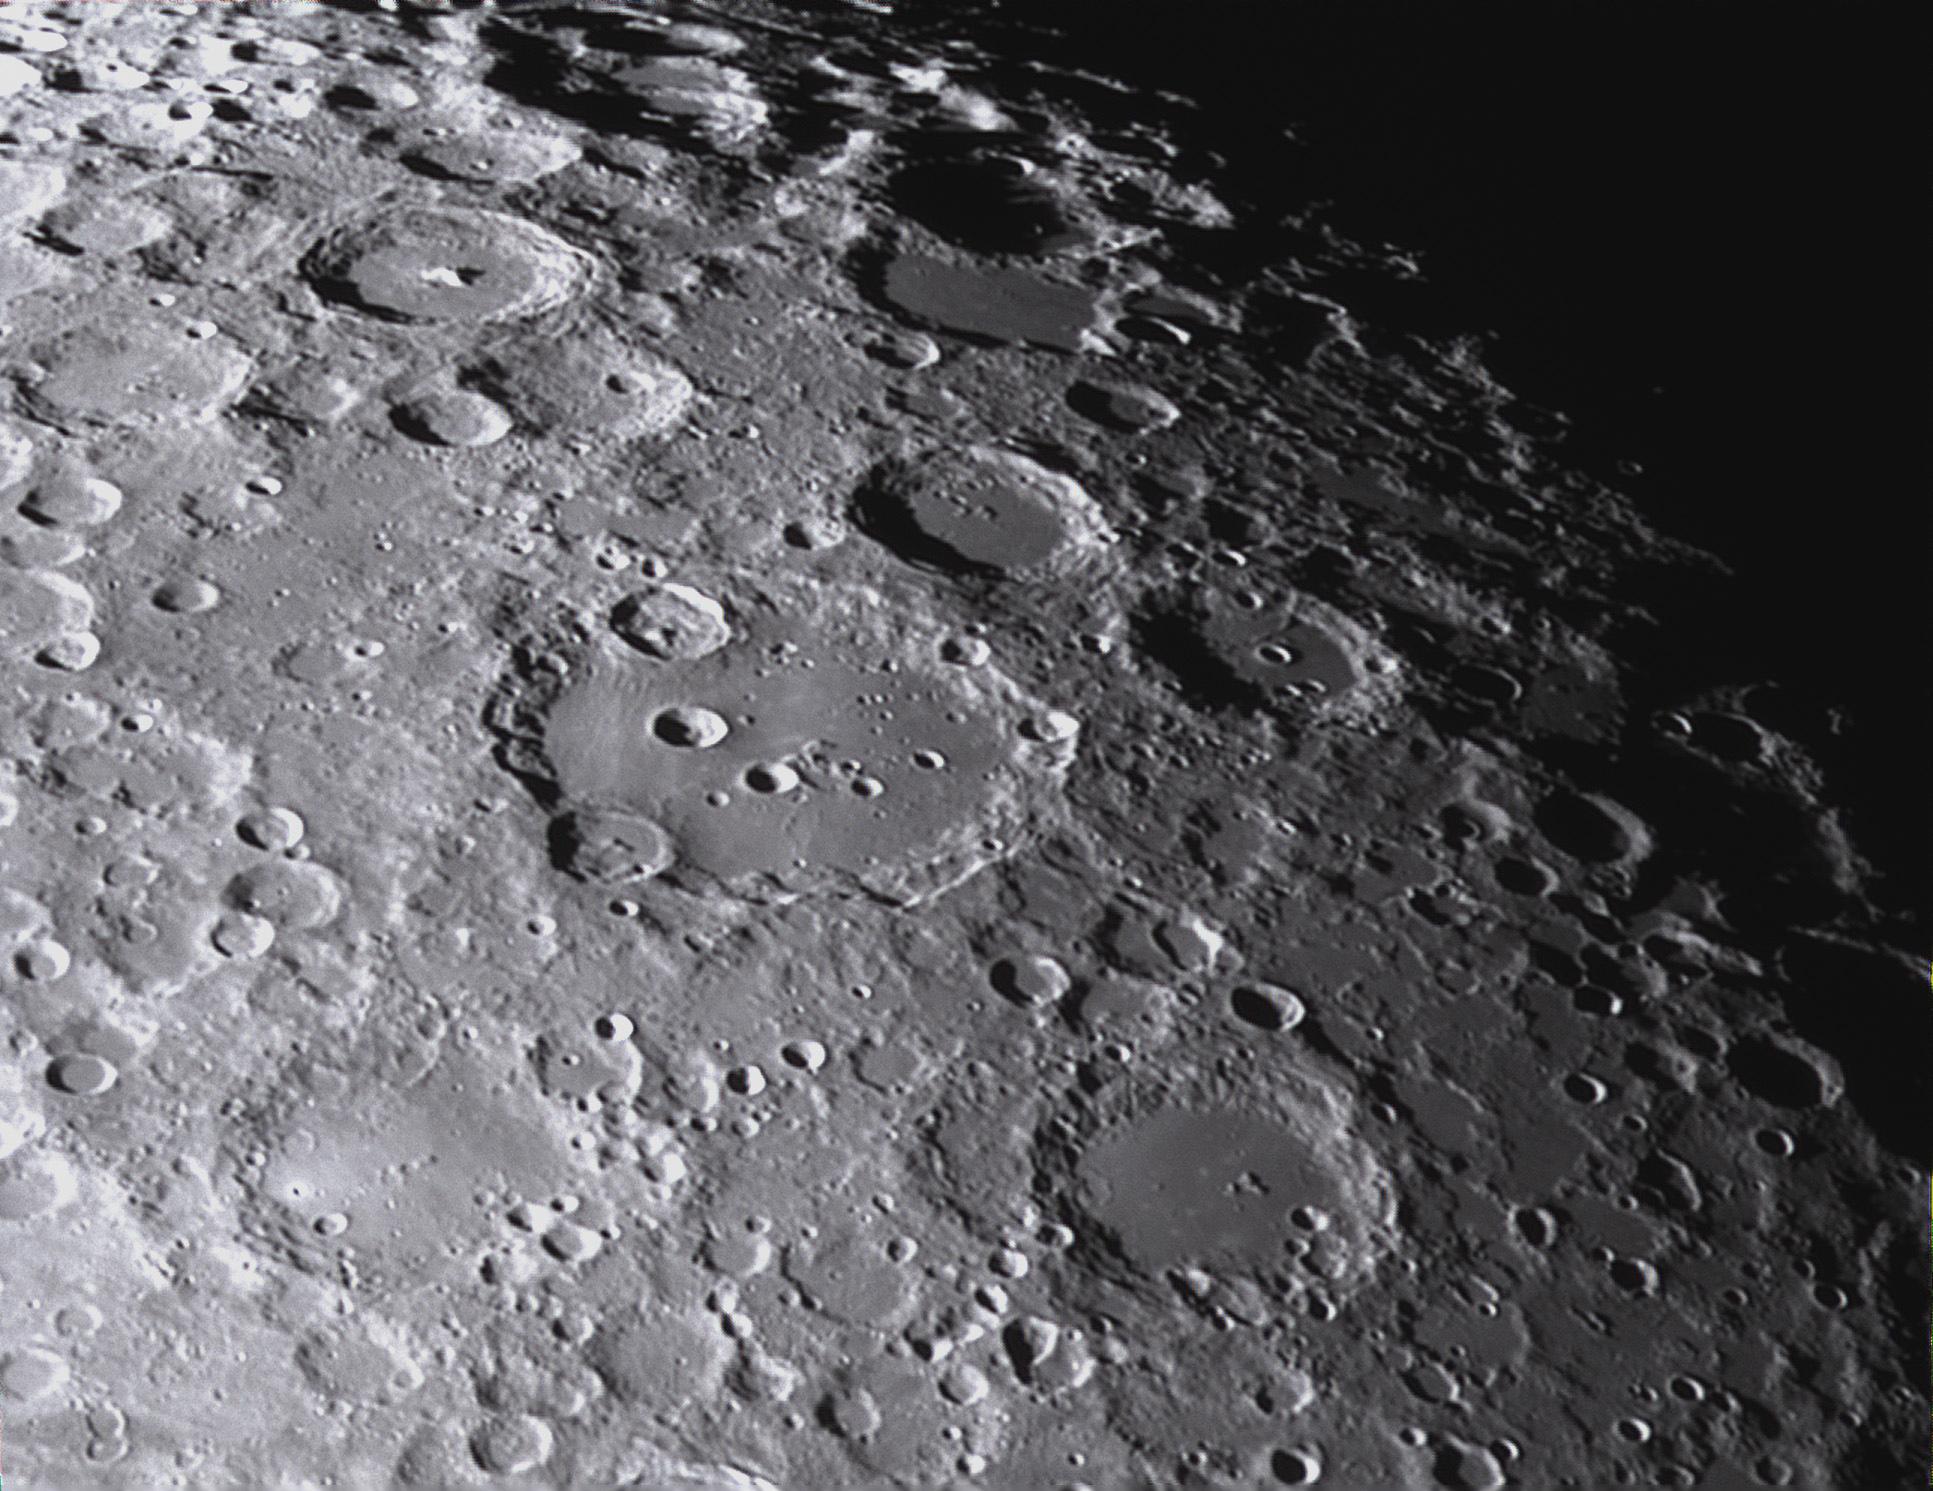 Lune_2020_04_03_AS3_21_16_45_180i_Dr15_R1P1b_Clavius.jpg